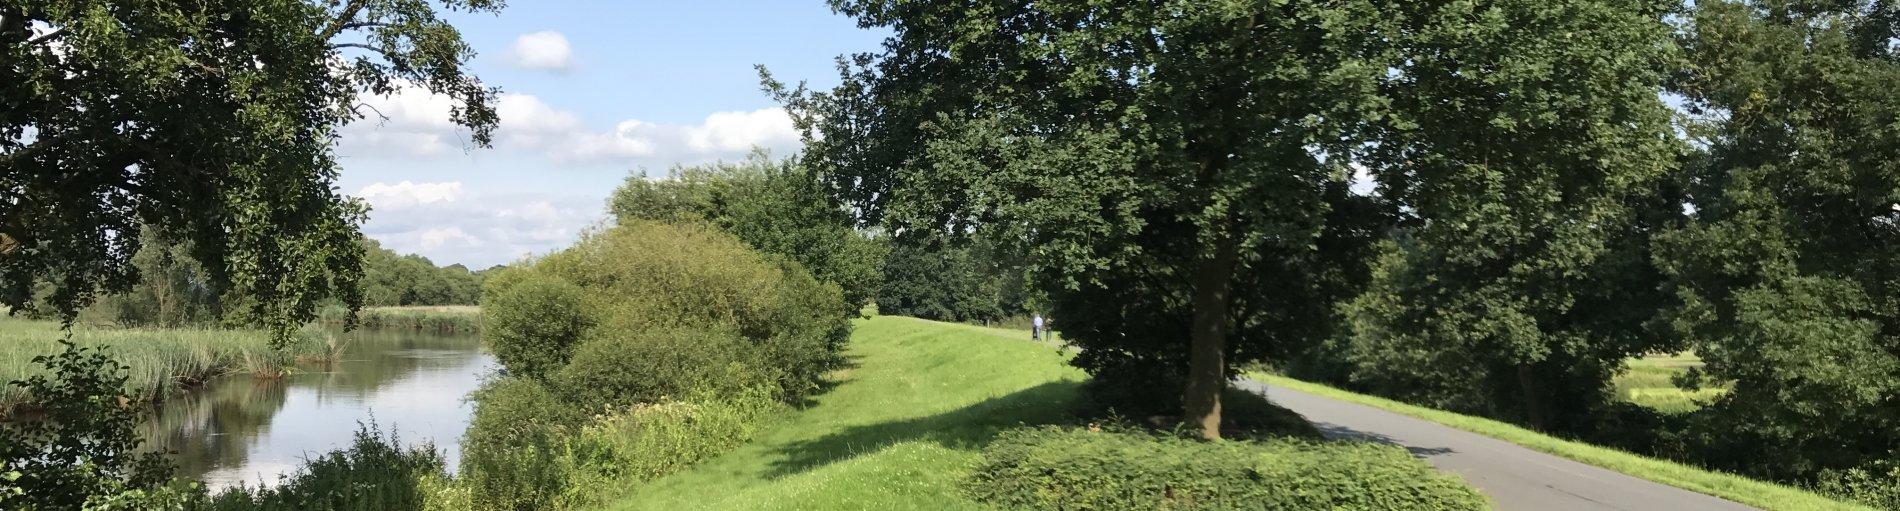 Rechts ist ein Weg auf einem Deich zu erkennen. Rechts im Bild ist ein Fluss zu sehen, der von grünen Bäumen und Wiesen umgeben ist.